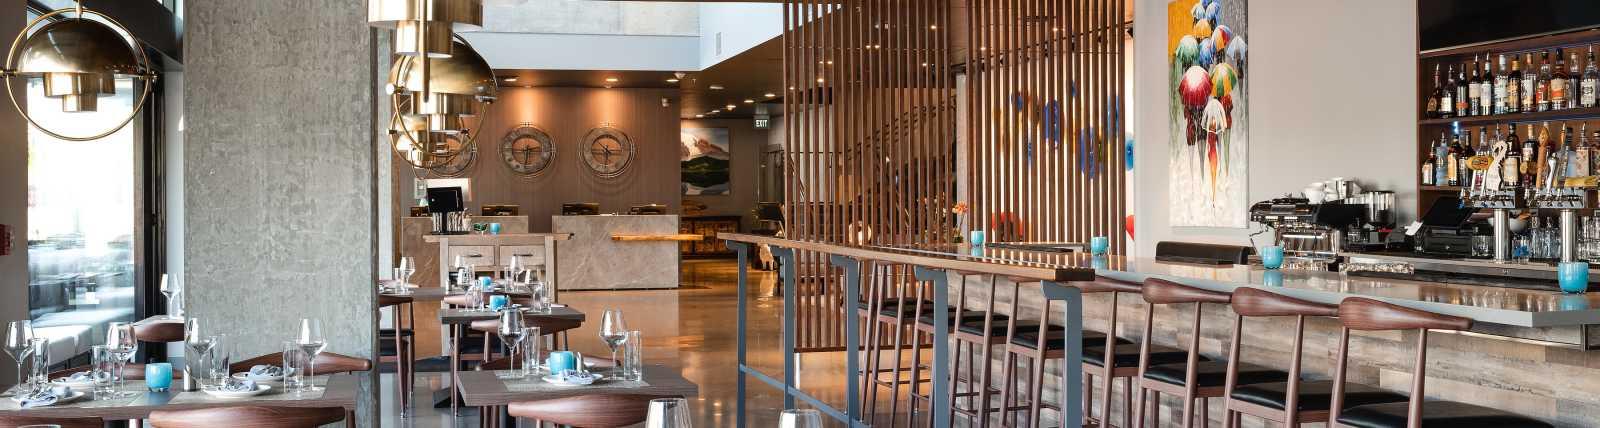 Waterleaf Restaurant & Bar Interior